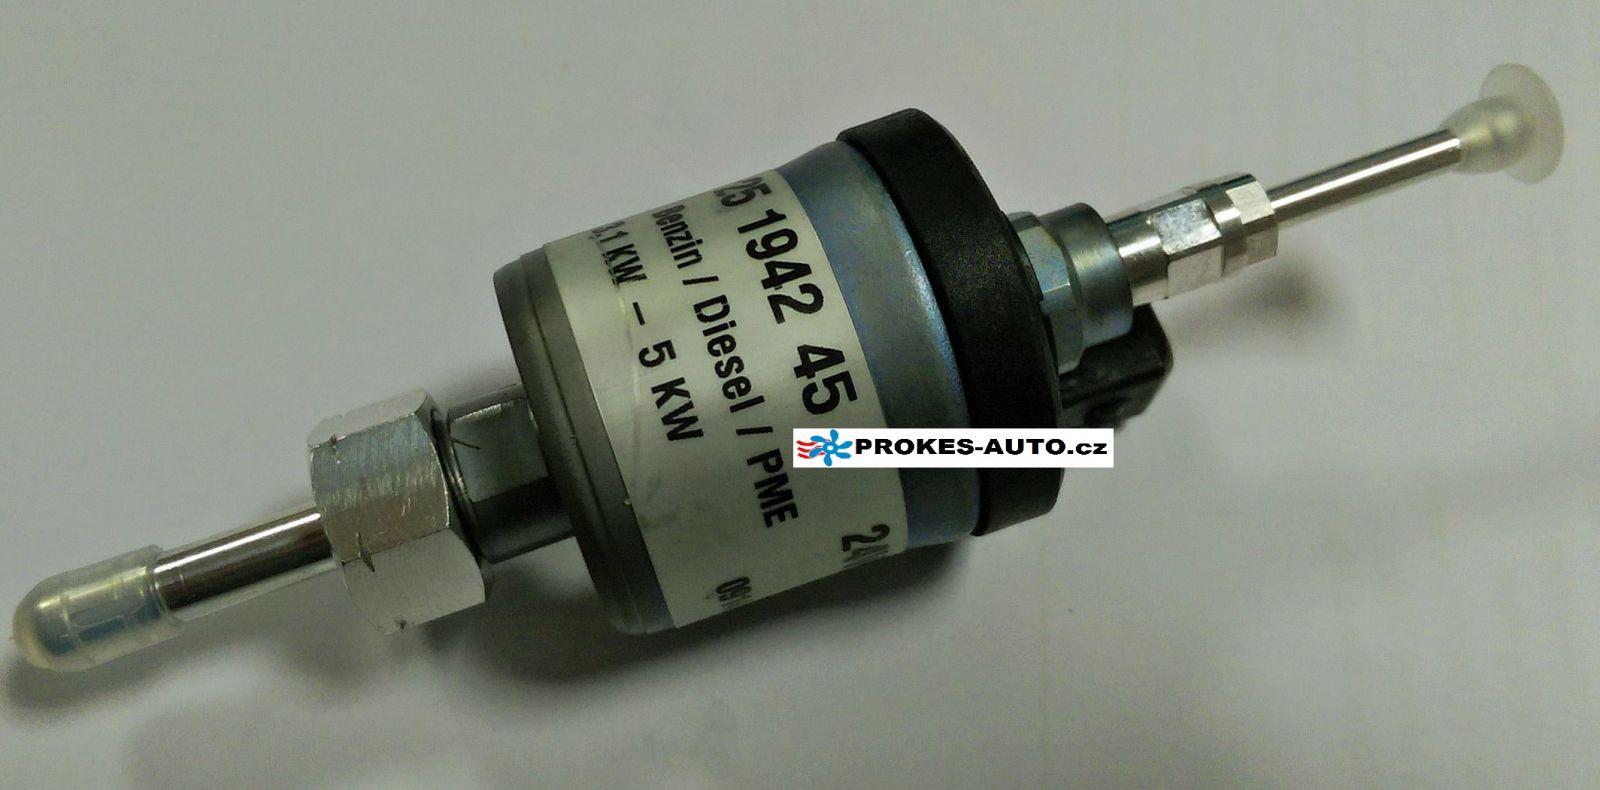 Dosierpumpe 24V D5WS diesel 3,1-5 kW 25194245 / 251942450000 Eberspächer